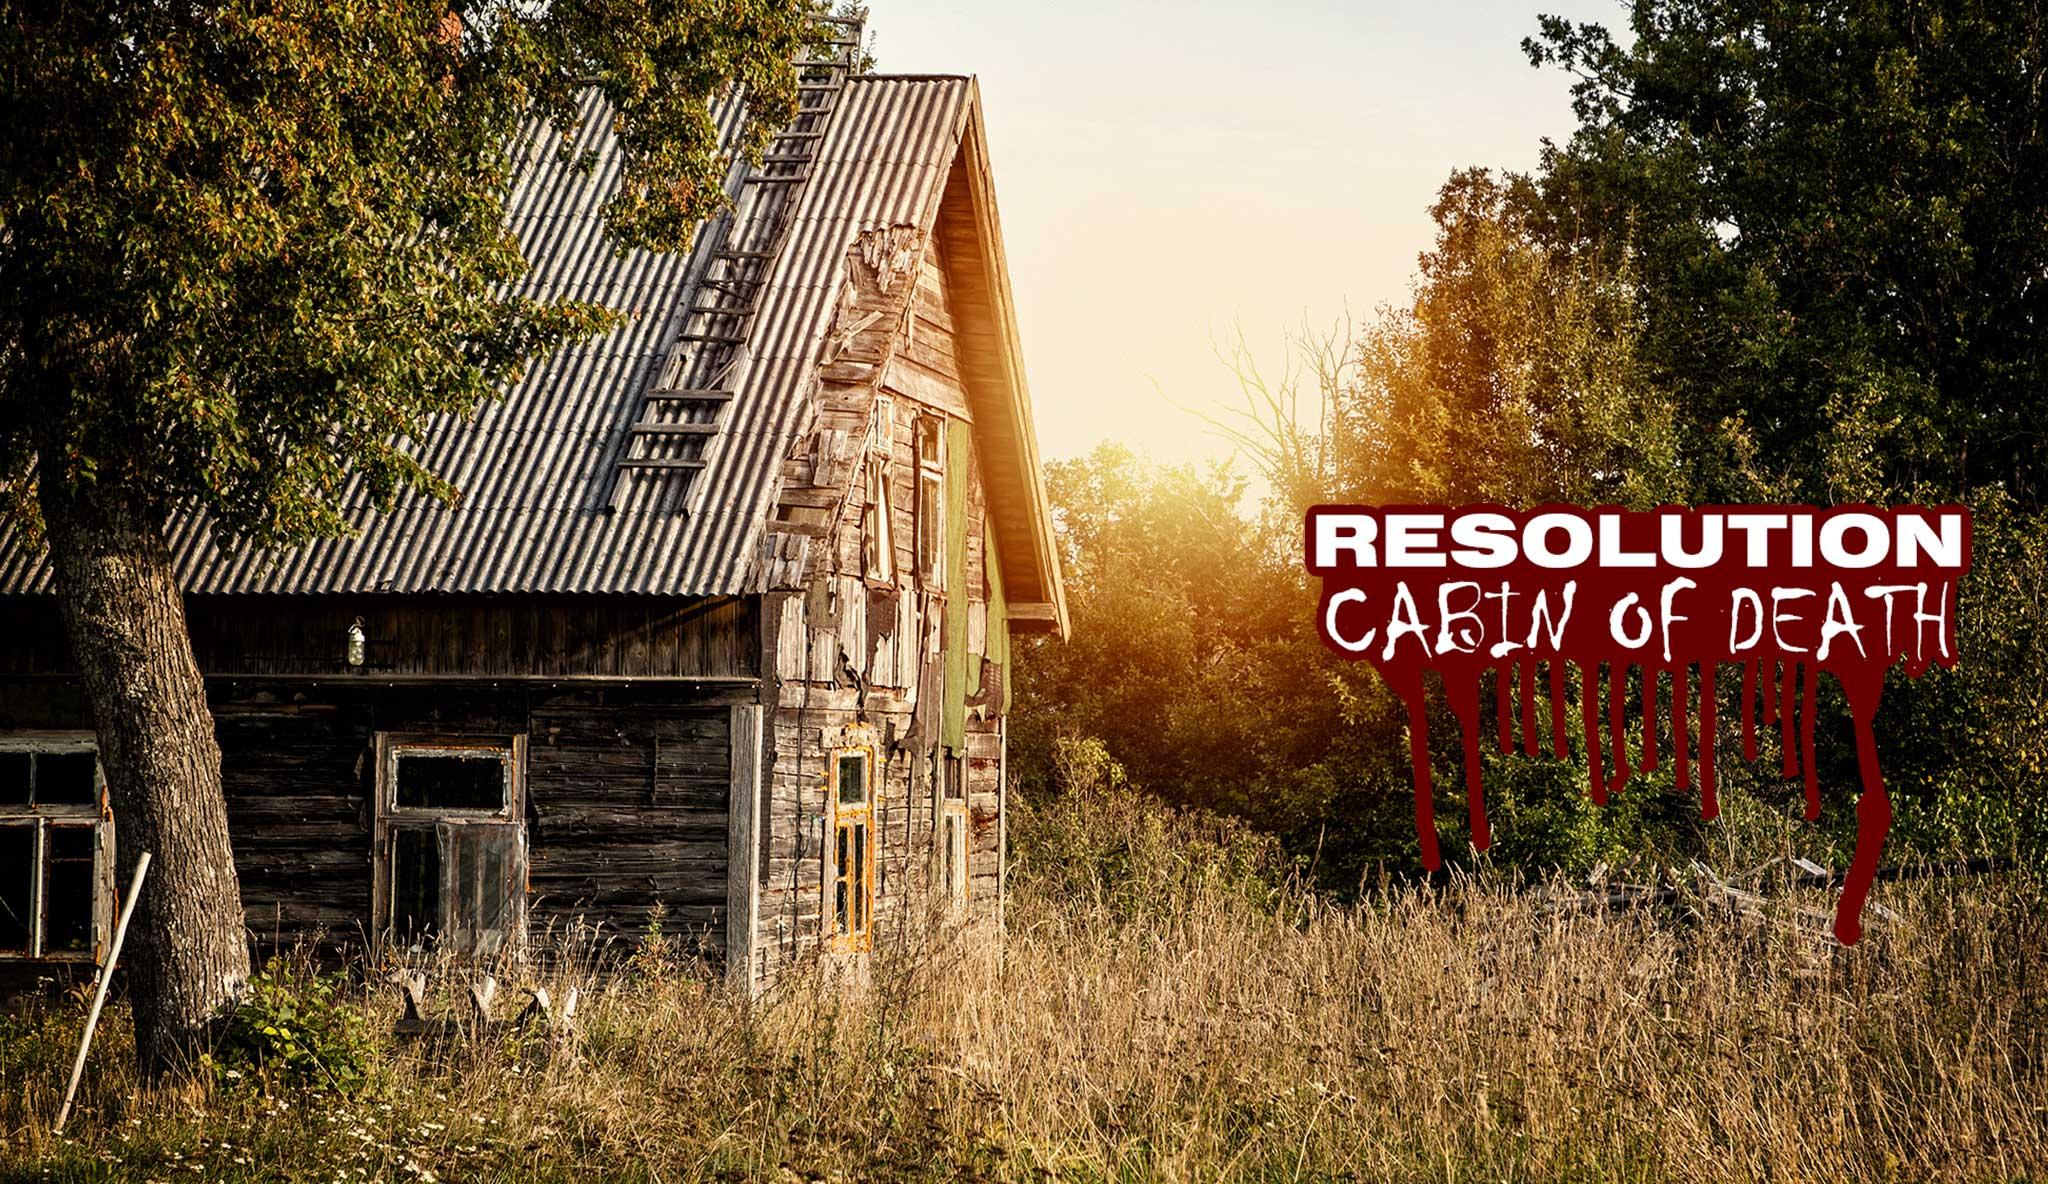 resolution-cabin-of-death\header.jpg